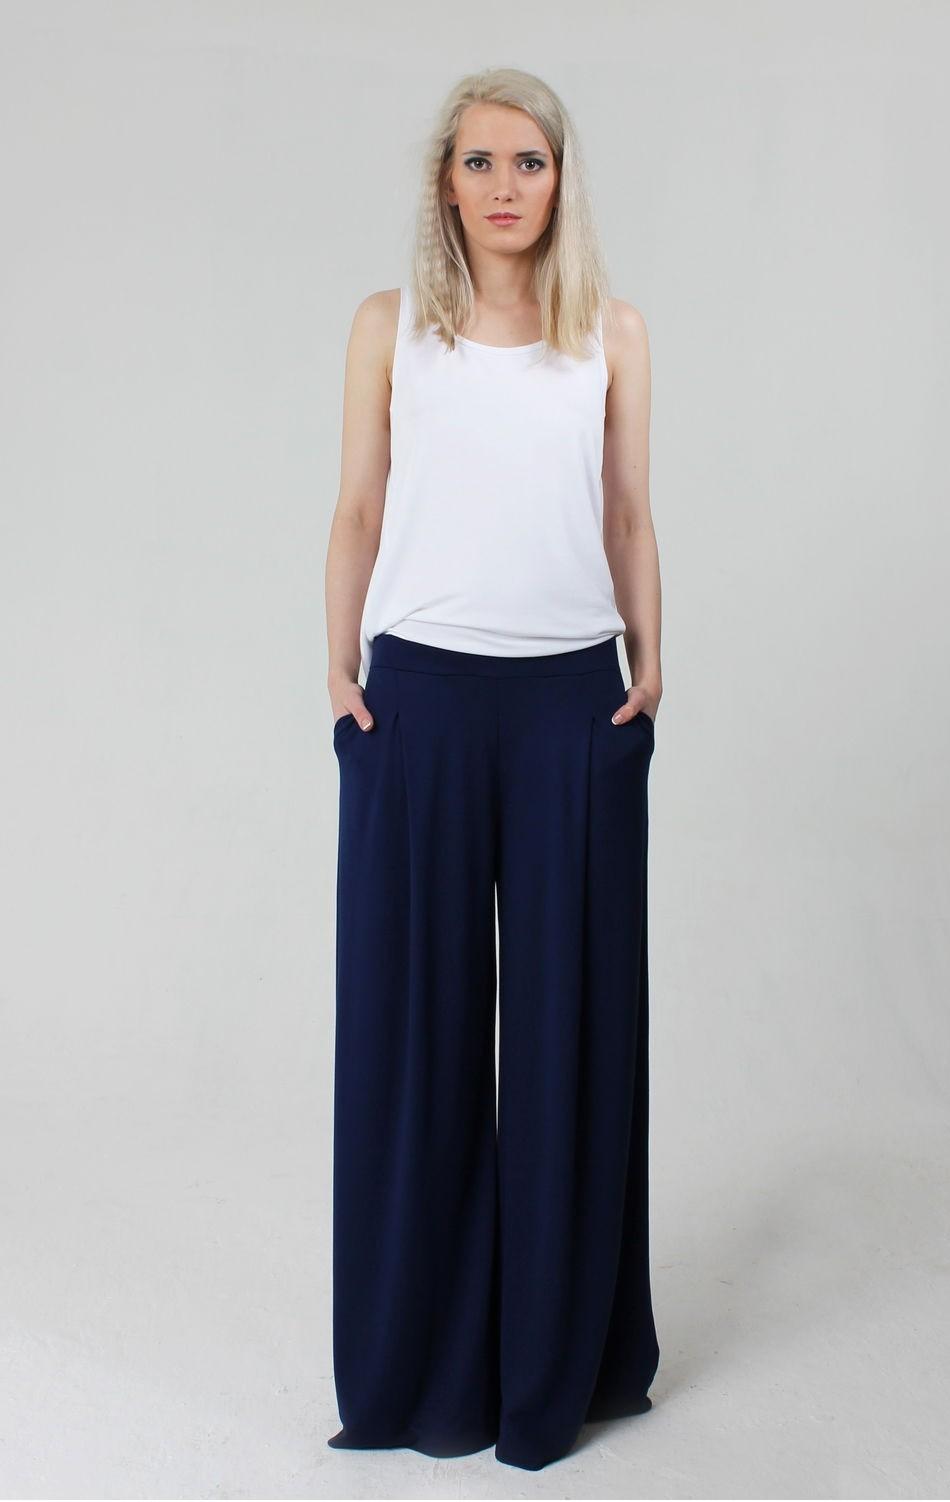 С чем носить ярко-синие брюки: широкие под белую майку